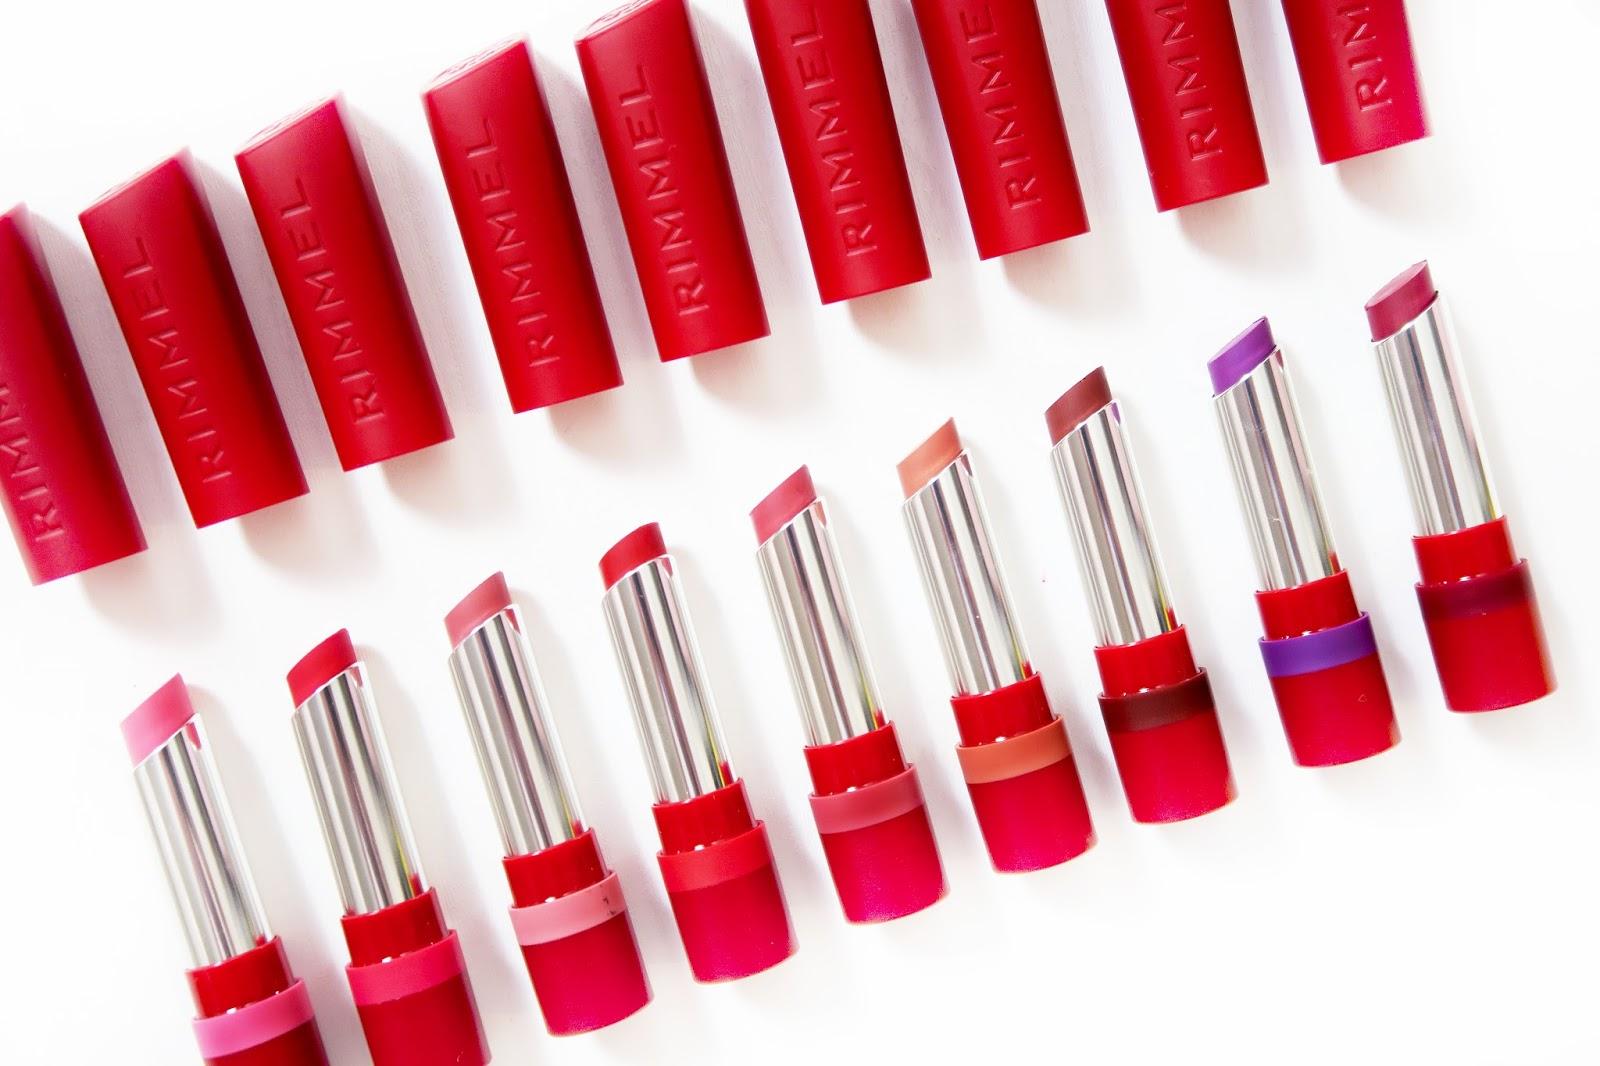 Rimmel Only 1 Matte Lipstick